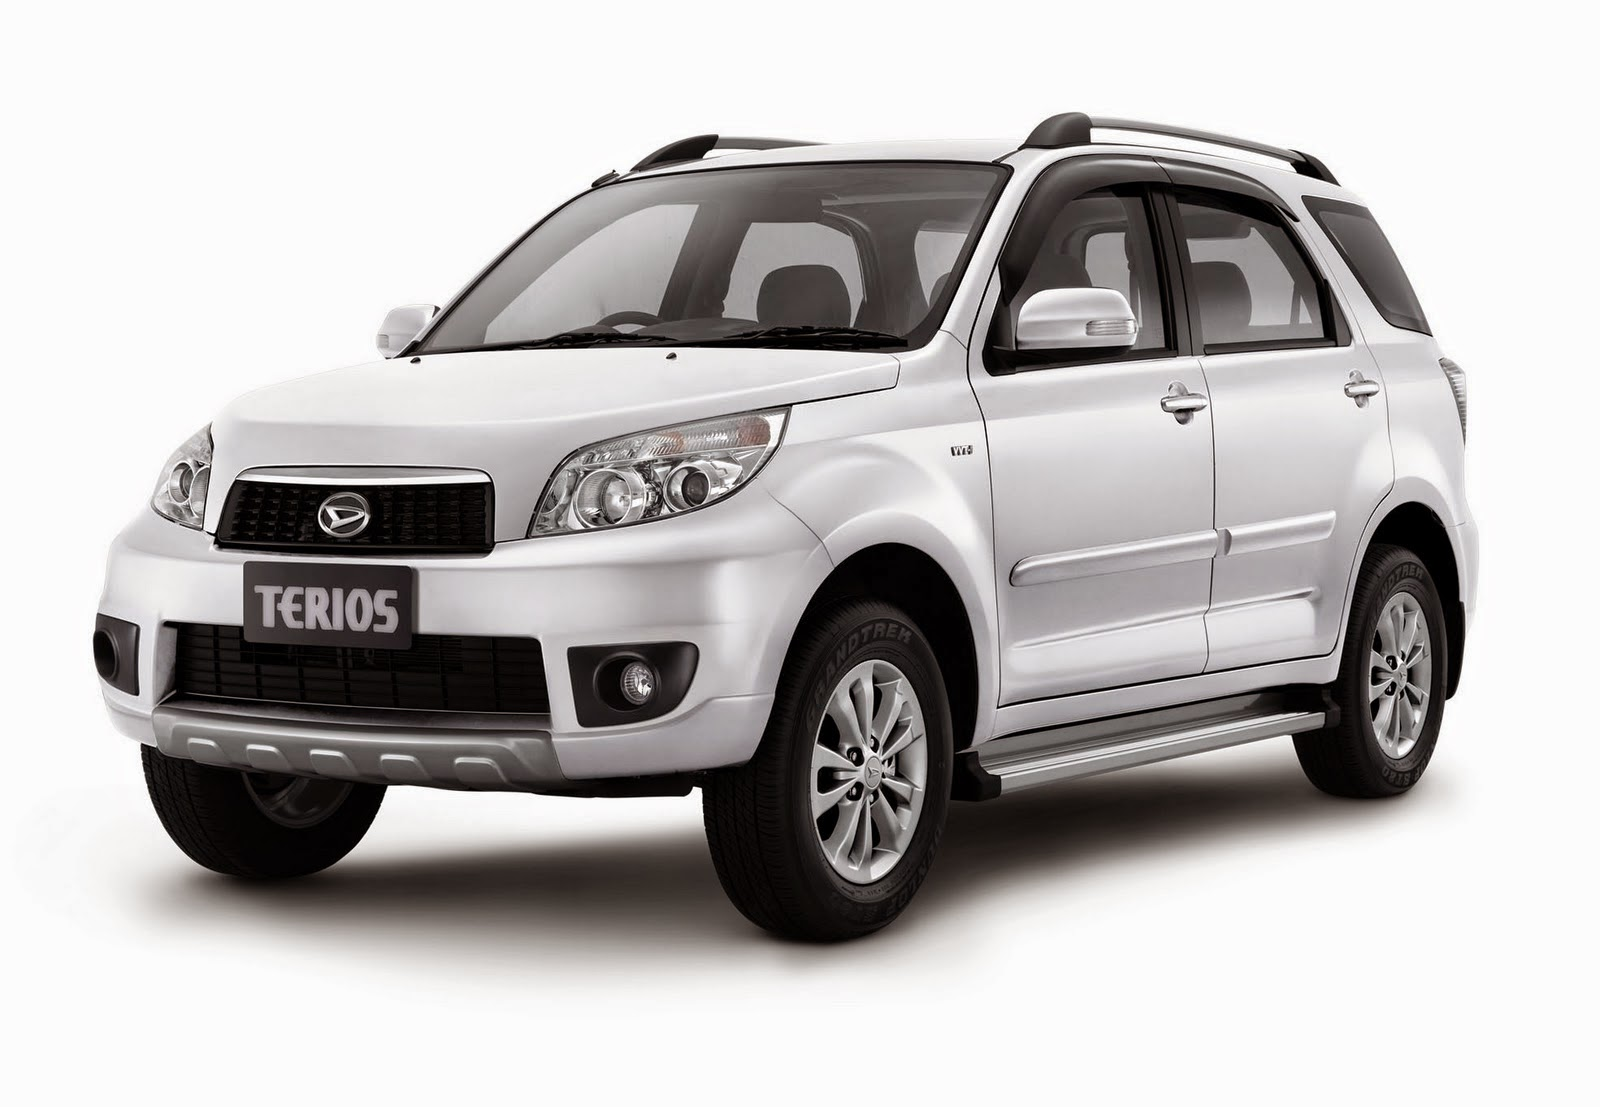 Daftar Harga Mobil Terbaru Toyota Honda Daihatsu Daftar Harga Mobil Daihatsu Bekas Terbaru